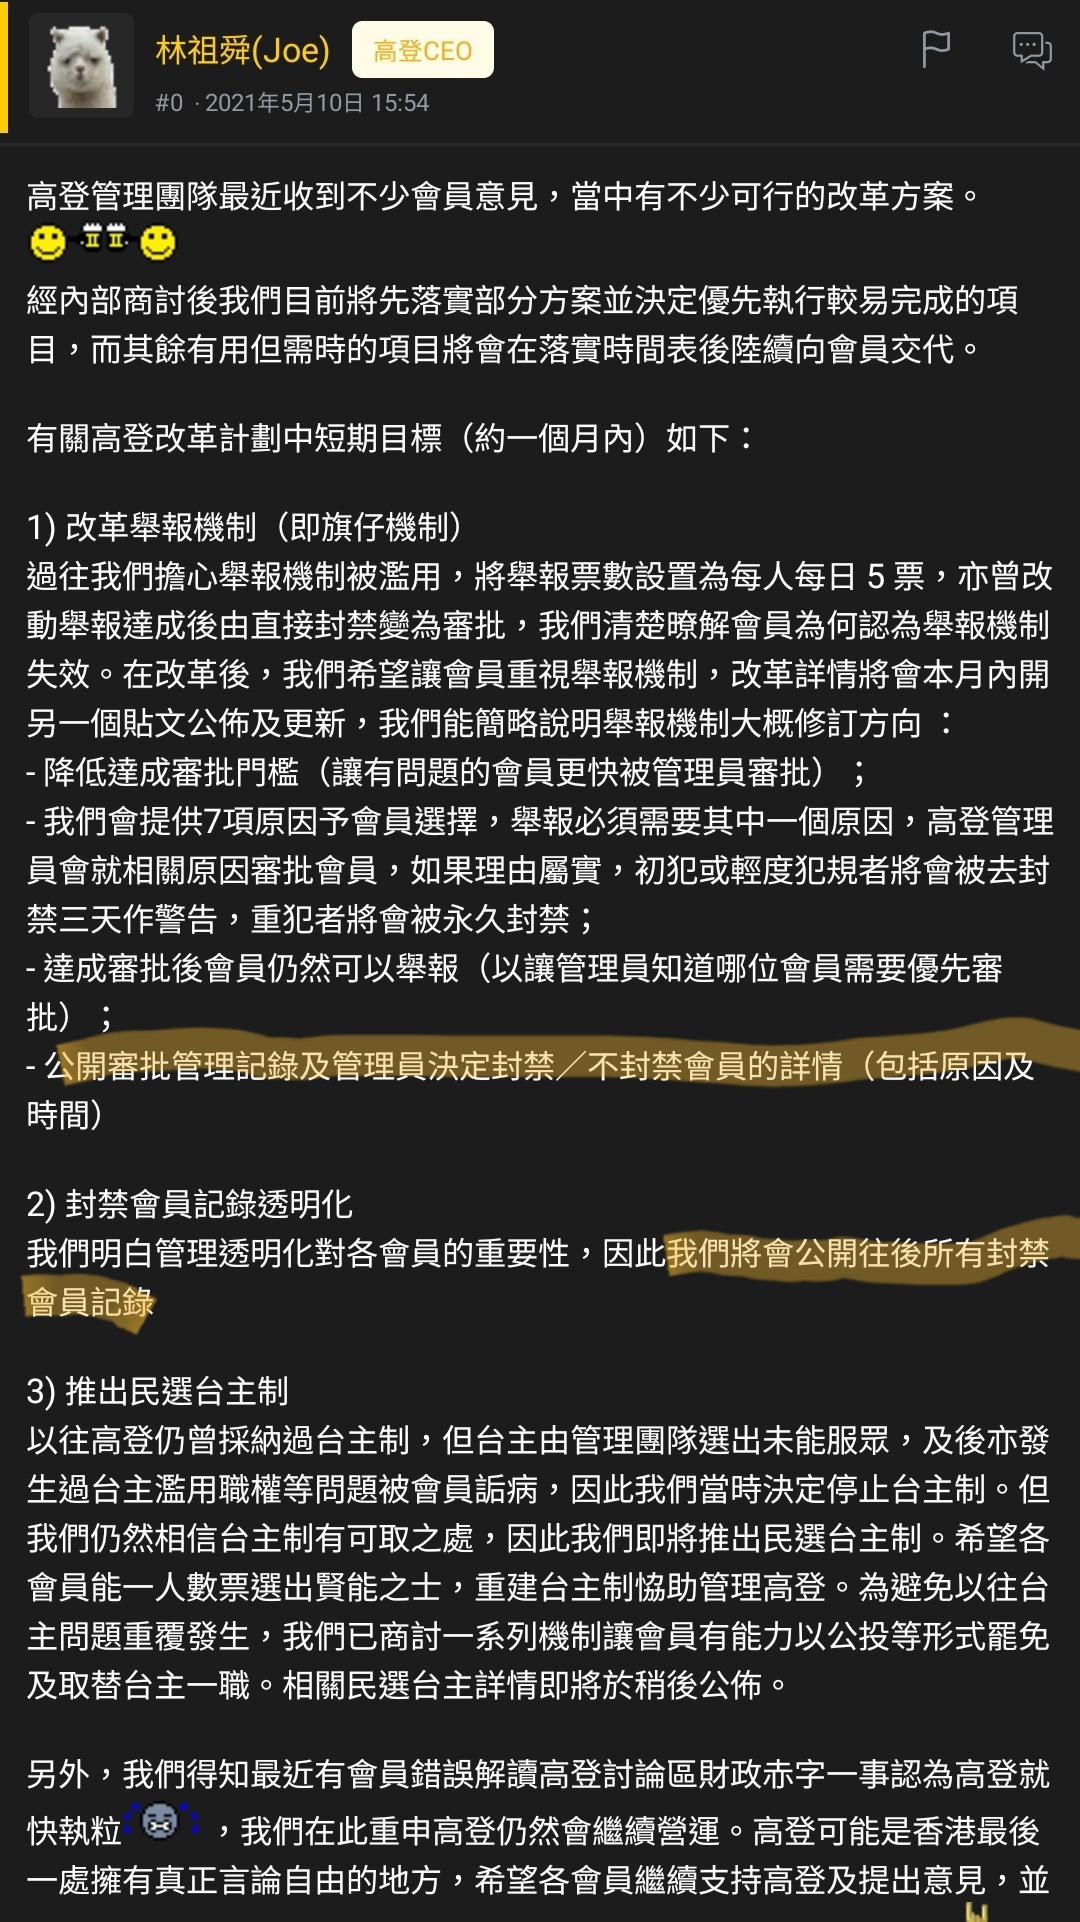 https://upload.hkgolden.media/comment/kmidm5t3.uit5n0n5shu.jirci3ui3vv.14d.jpg